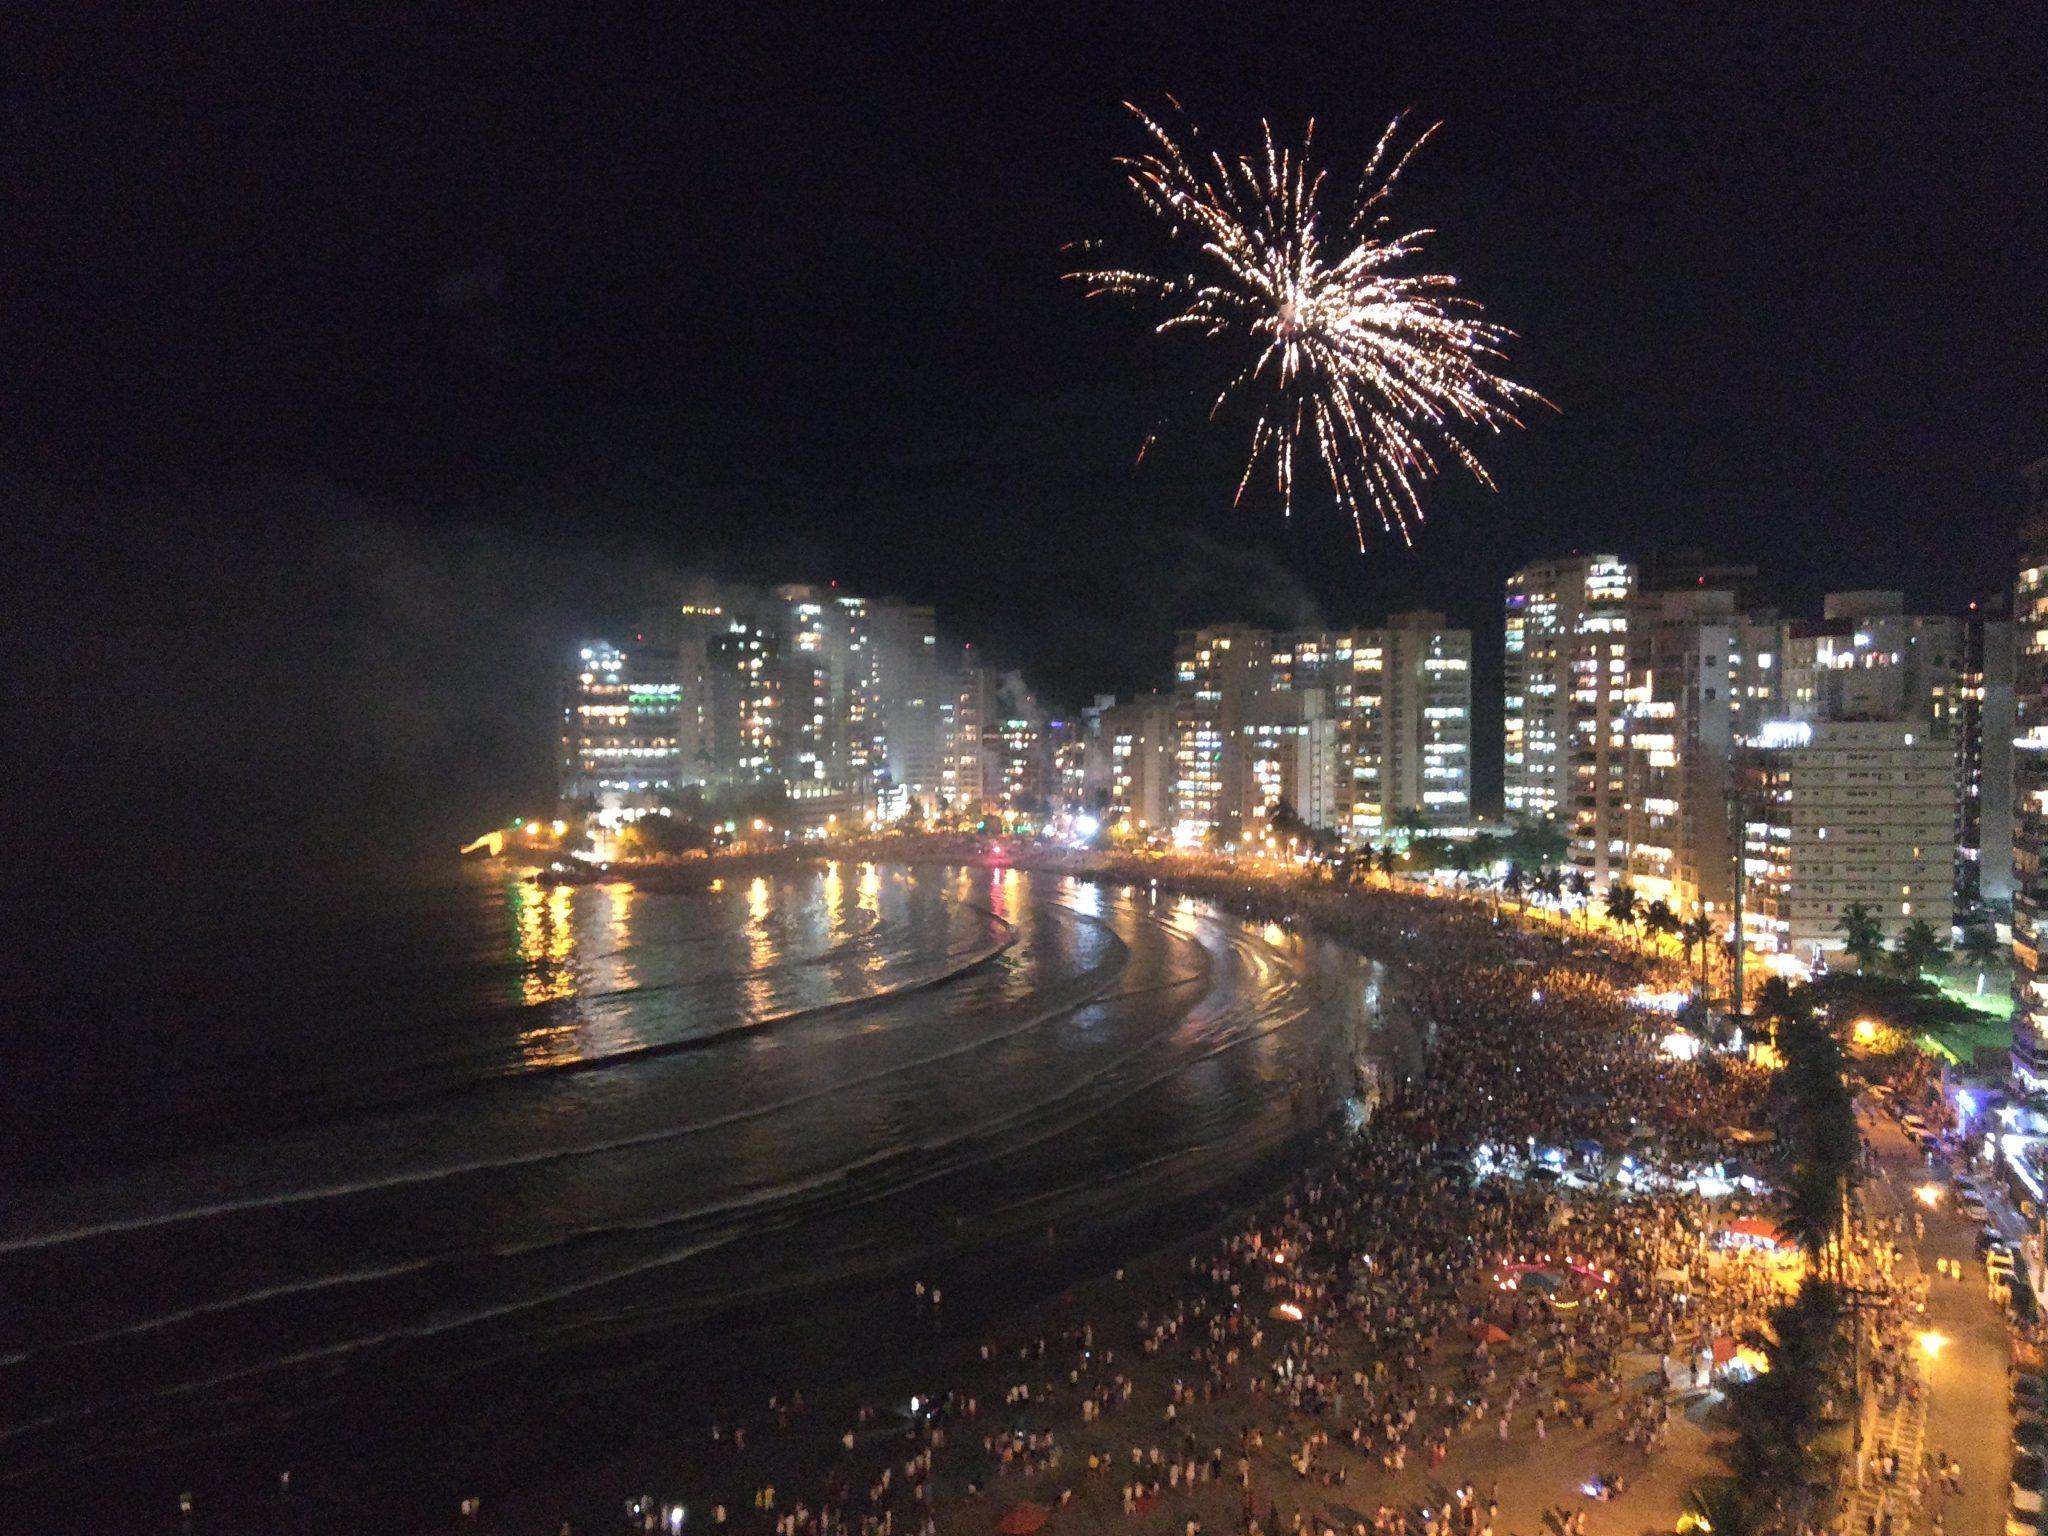 Espetáculo de queima de fogos terá 13 minutos de duração em Guarujá